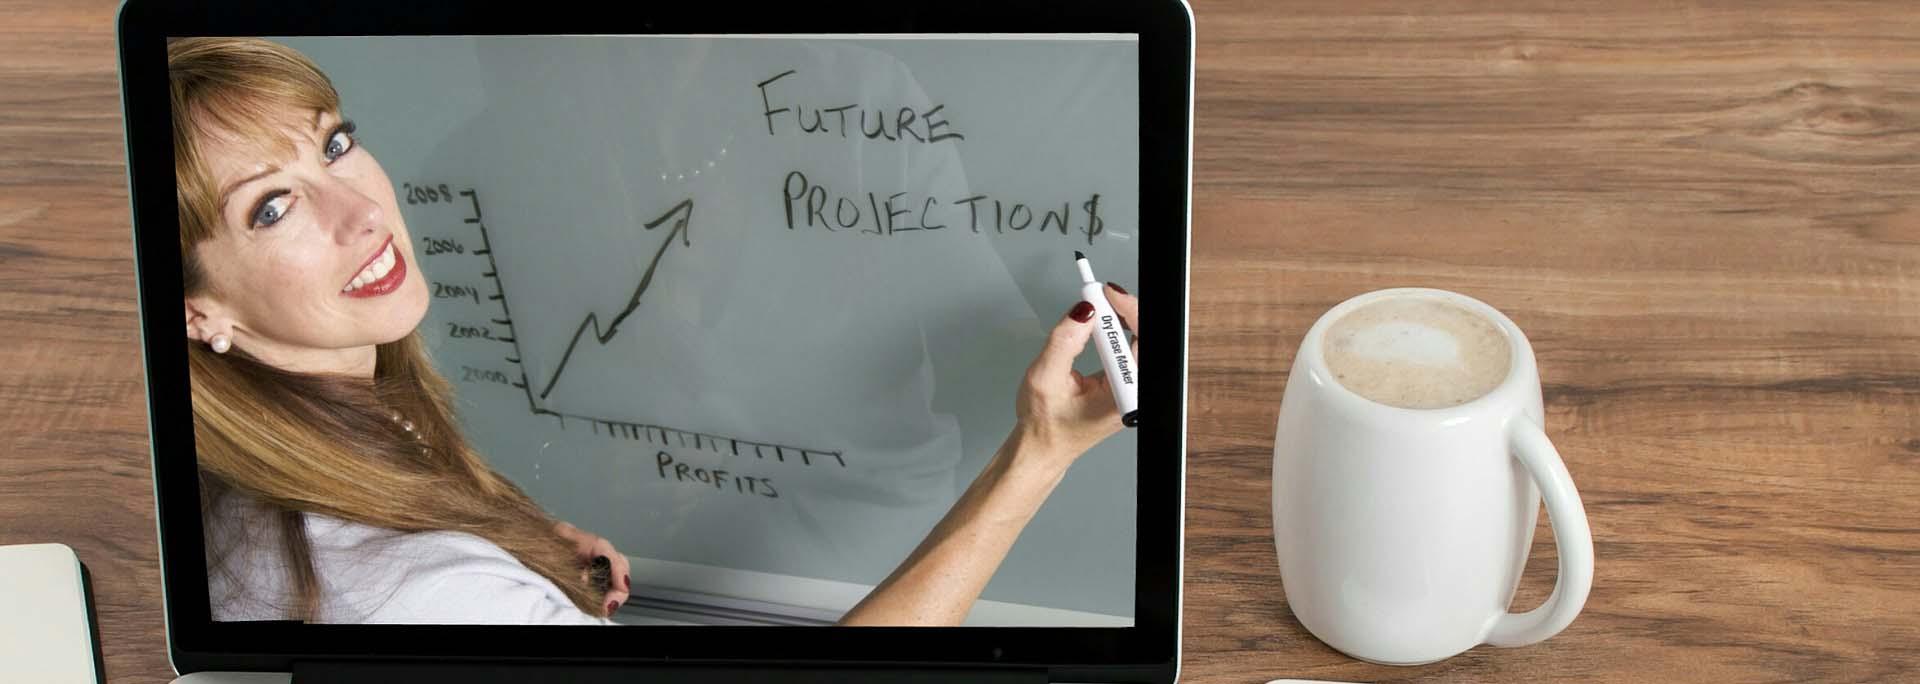 Toteuta tehokas verkkokurssi (online-koulutus)